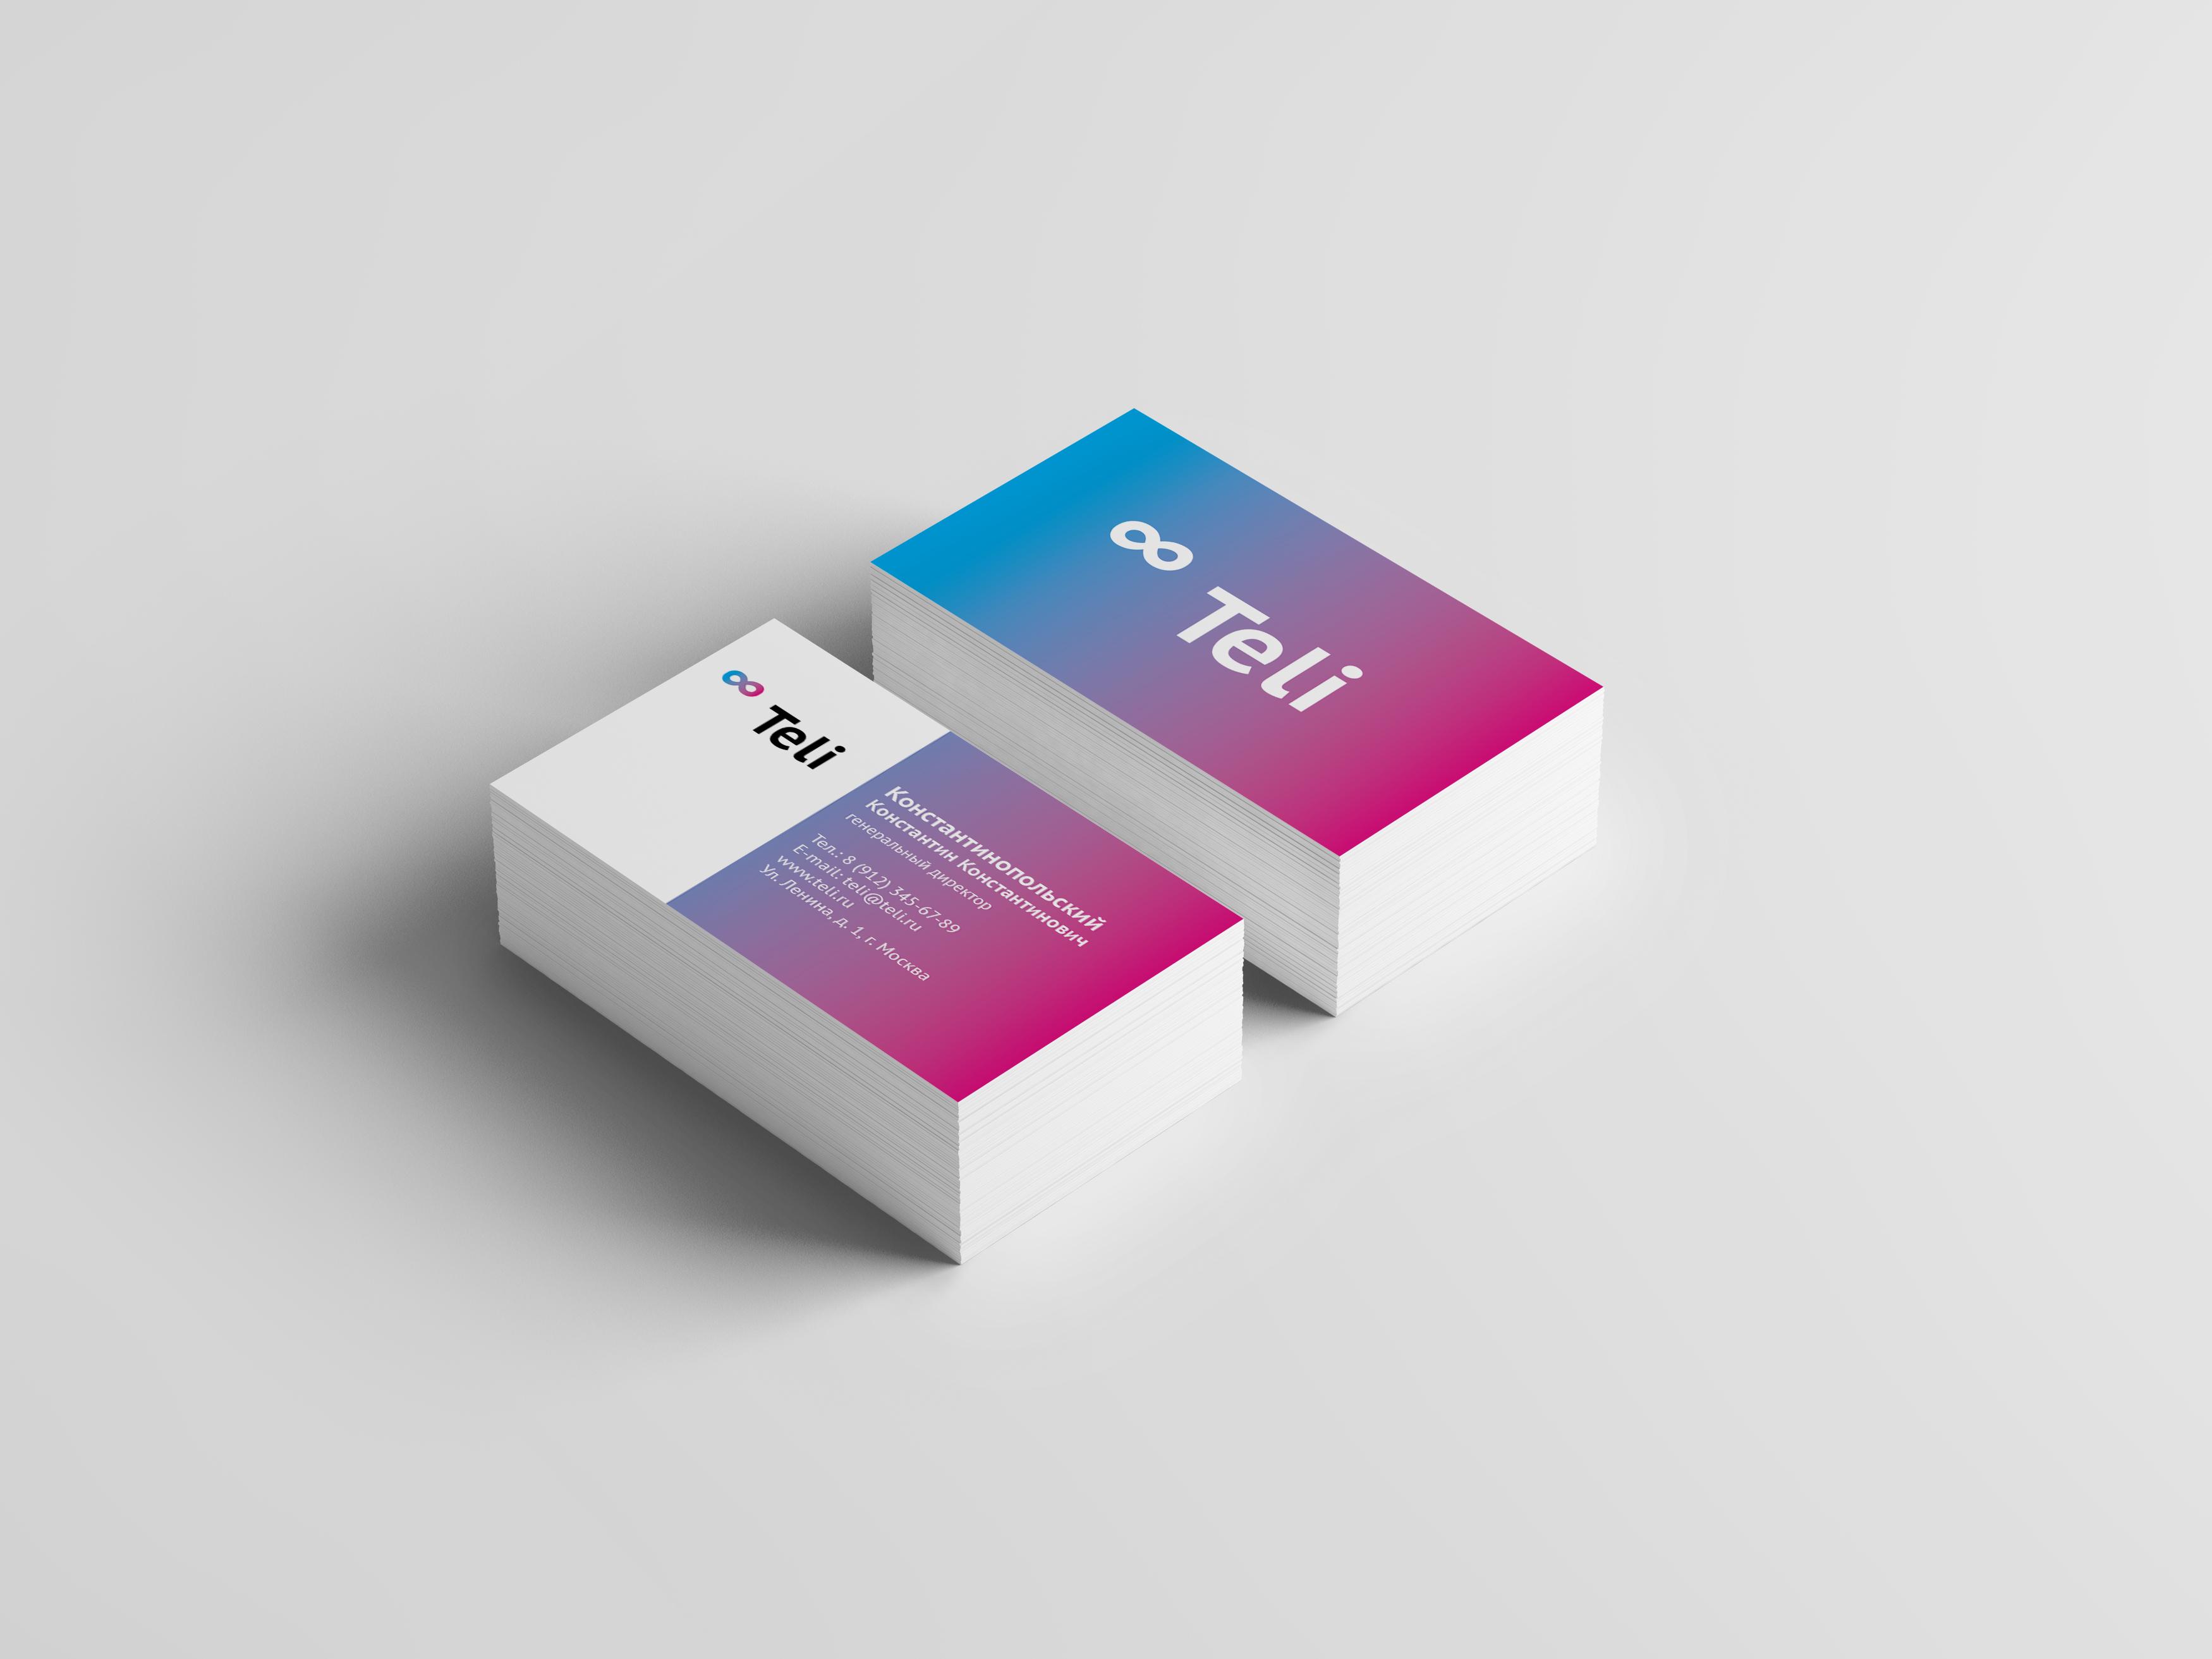 Разработка логотипа и фирменного стиля фото f_28358f7c31050171.jpg